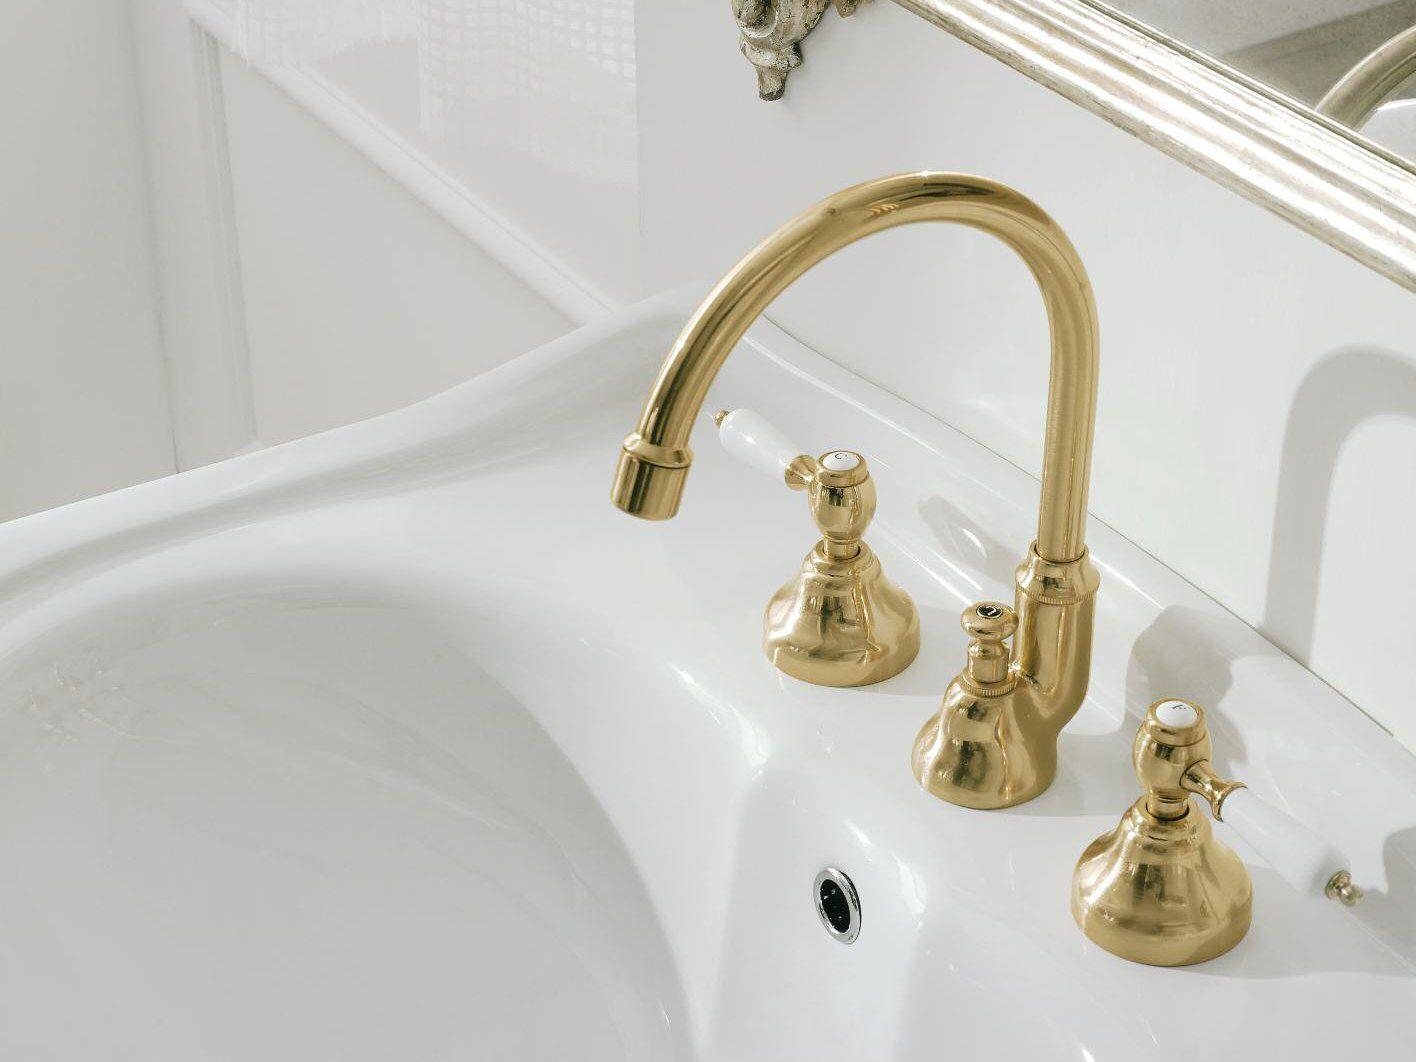 Rubinetto per lavabo a 3 fori in stile classico serie 800 - Rubinetti bagno classici ...